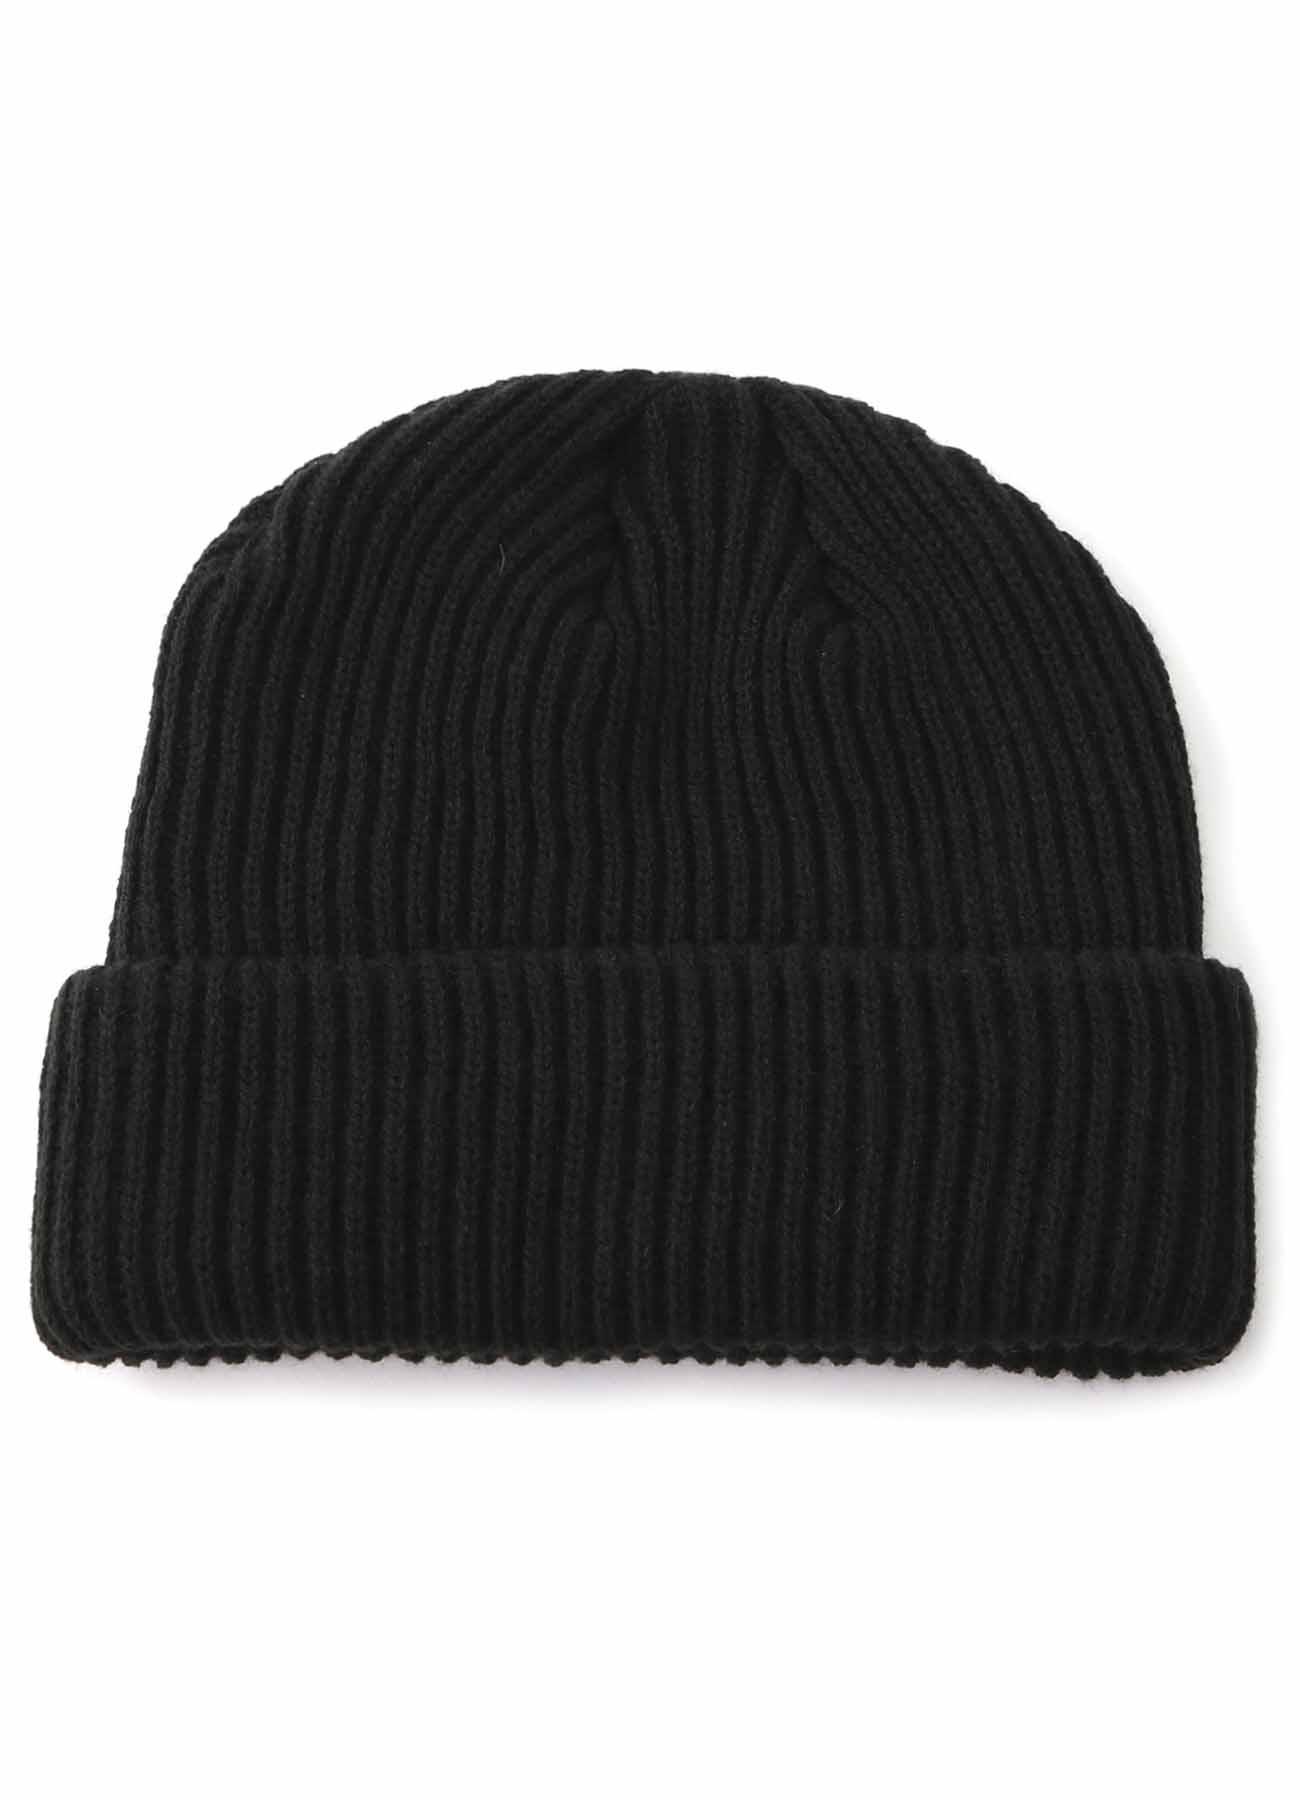 Rib Knit Cap